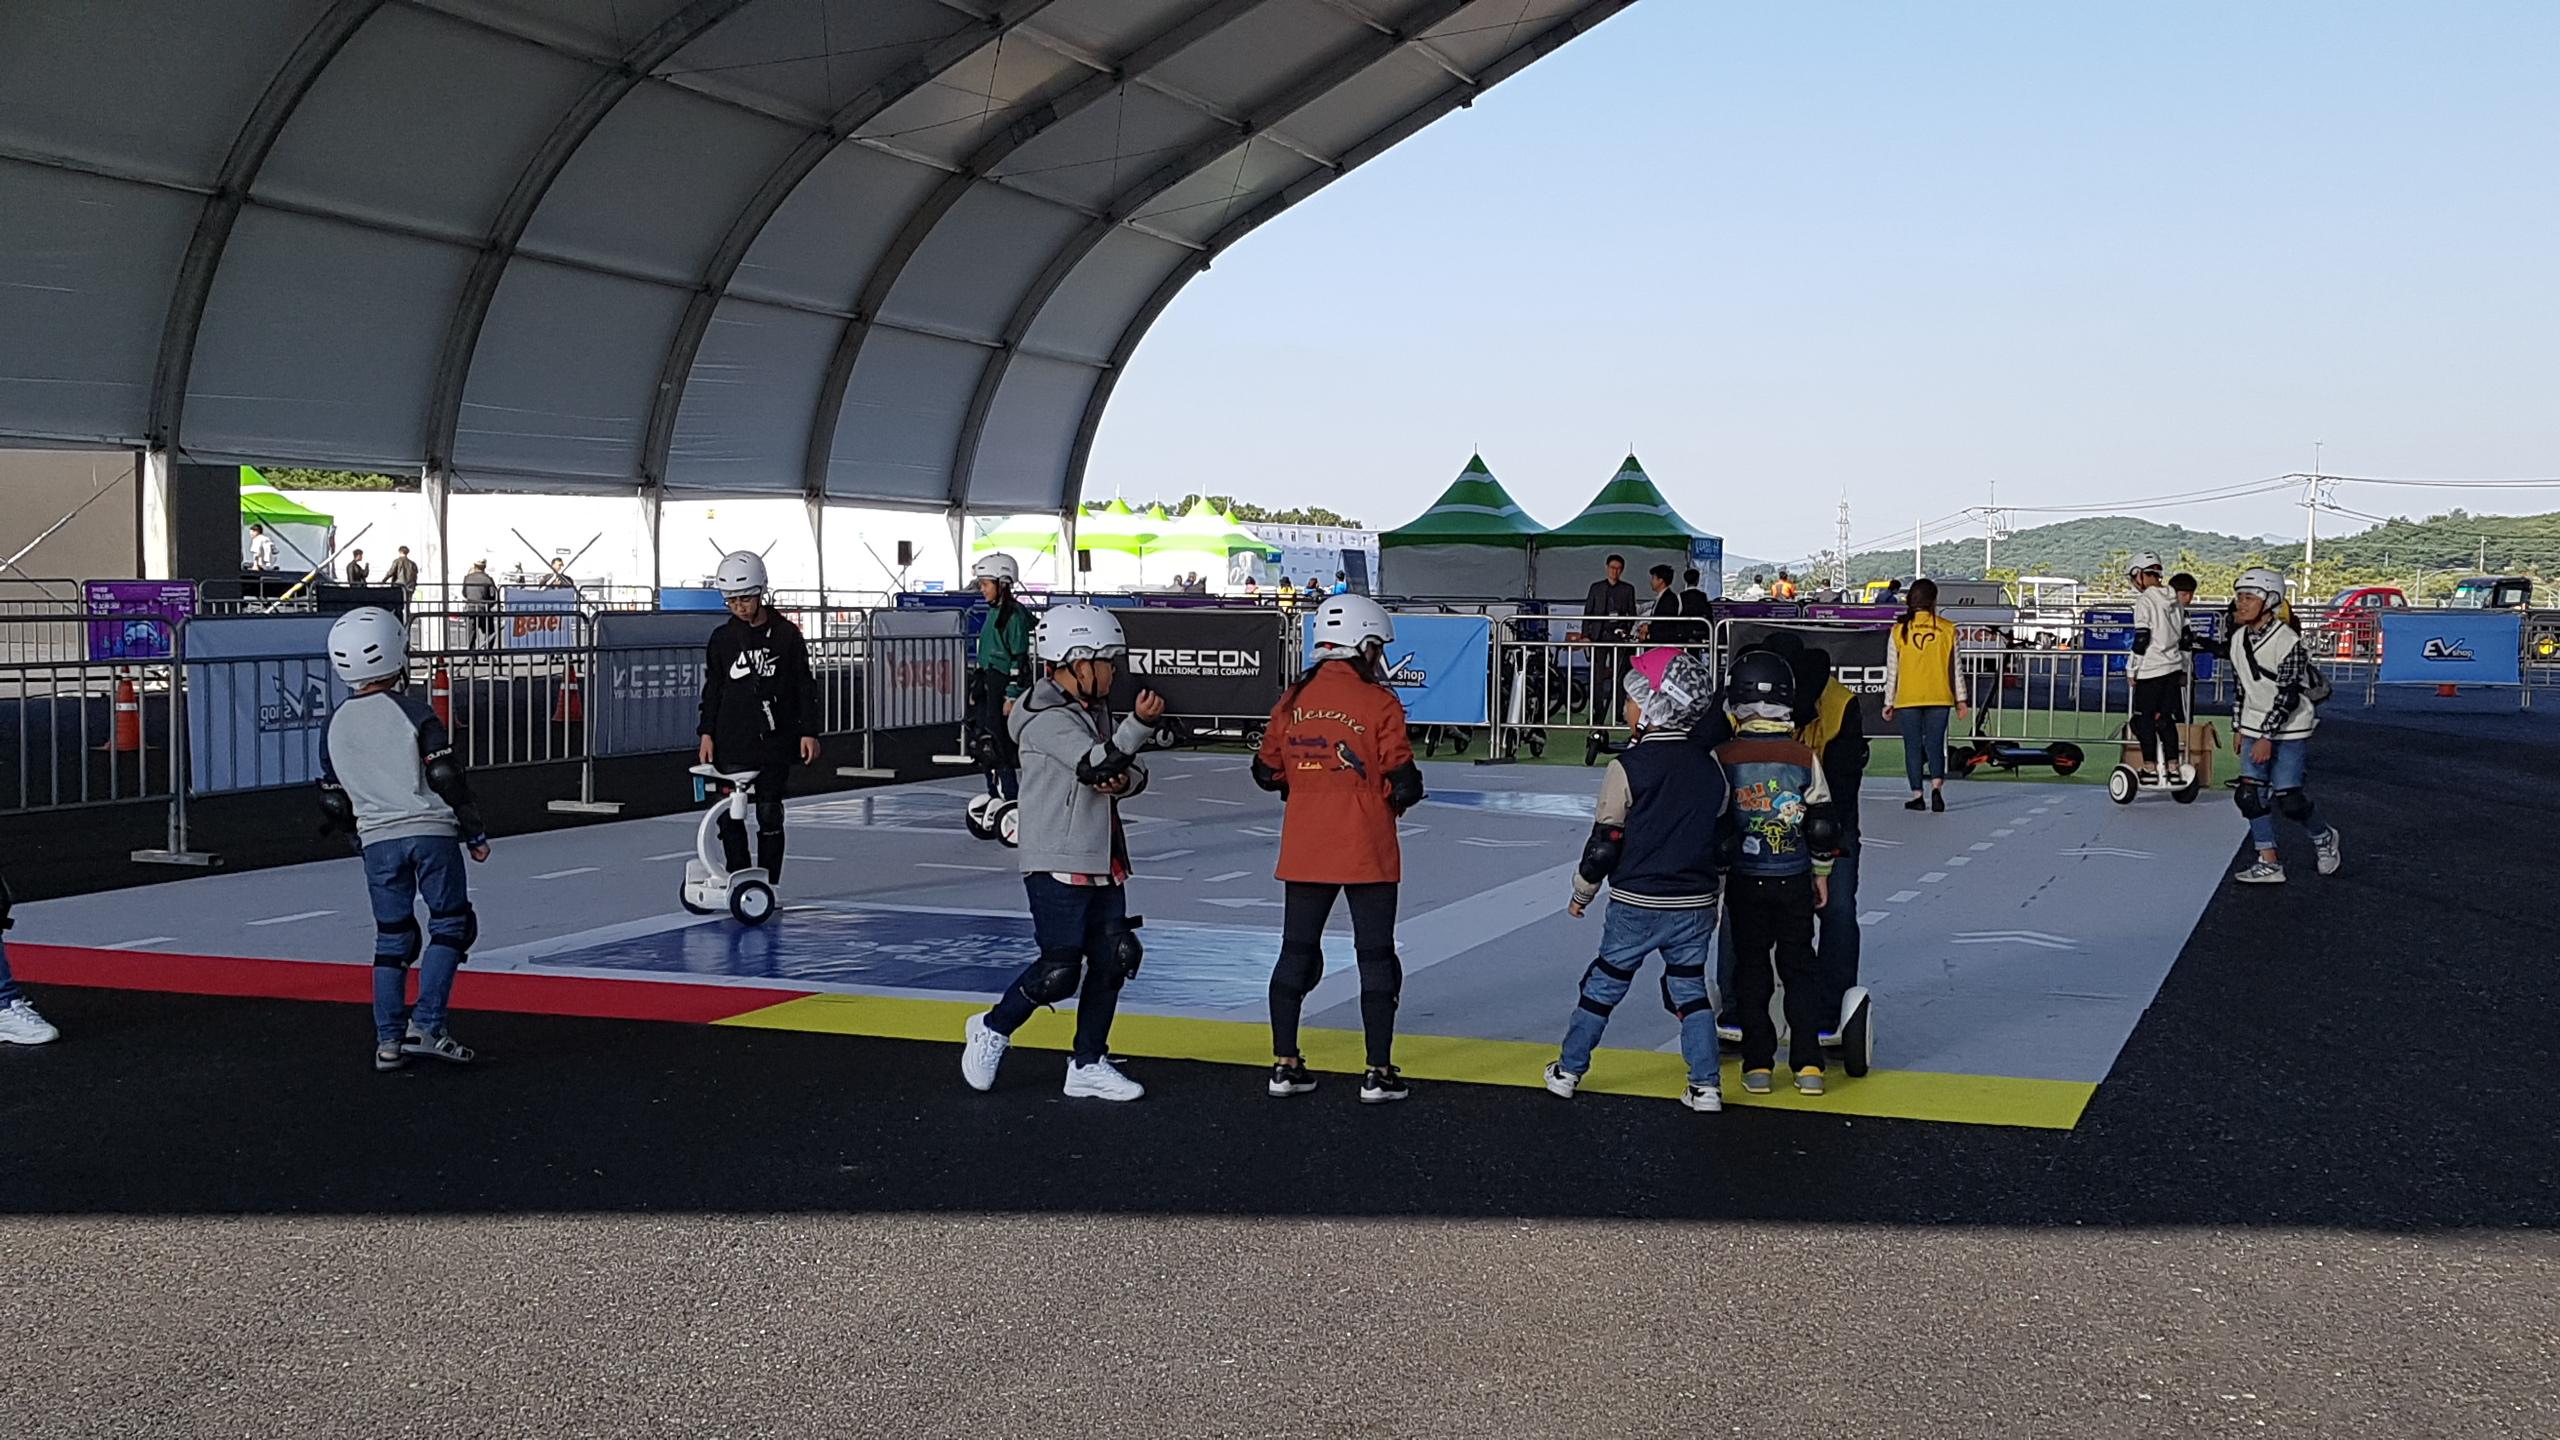 영광 e-모빌리티 엑스포, 즐기는 체험형 박람회로 입소문